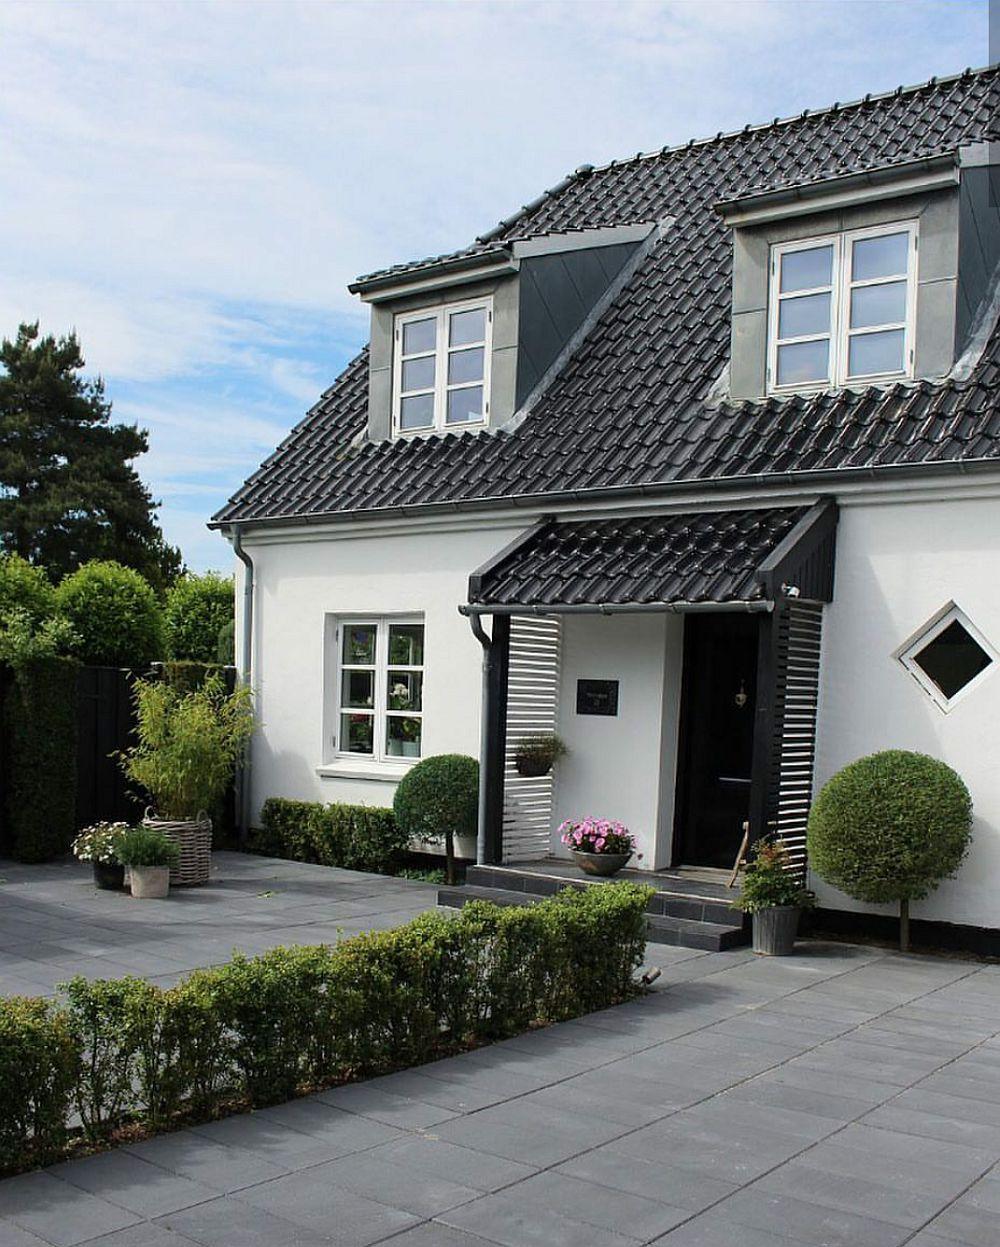 adelaparvu.com despre terasa in stil Nordic Boho, designer si foto Kristen Skovbon (21)